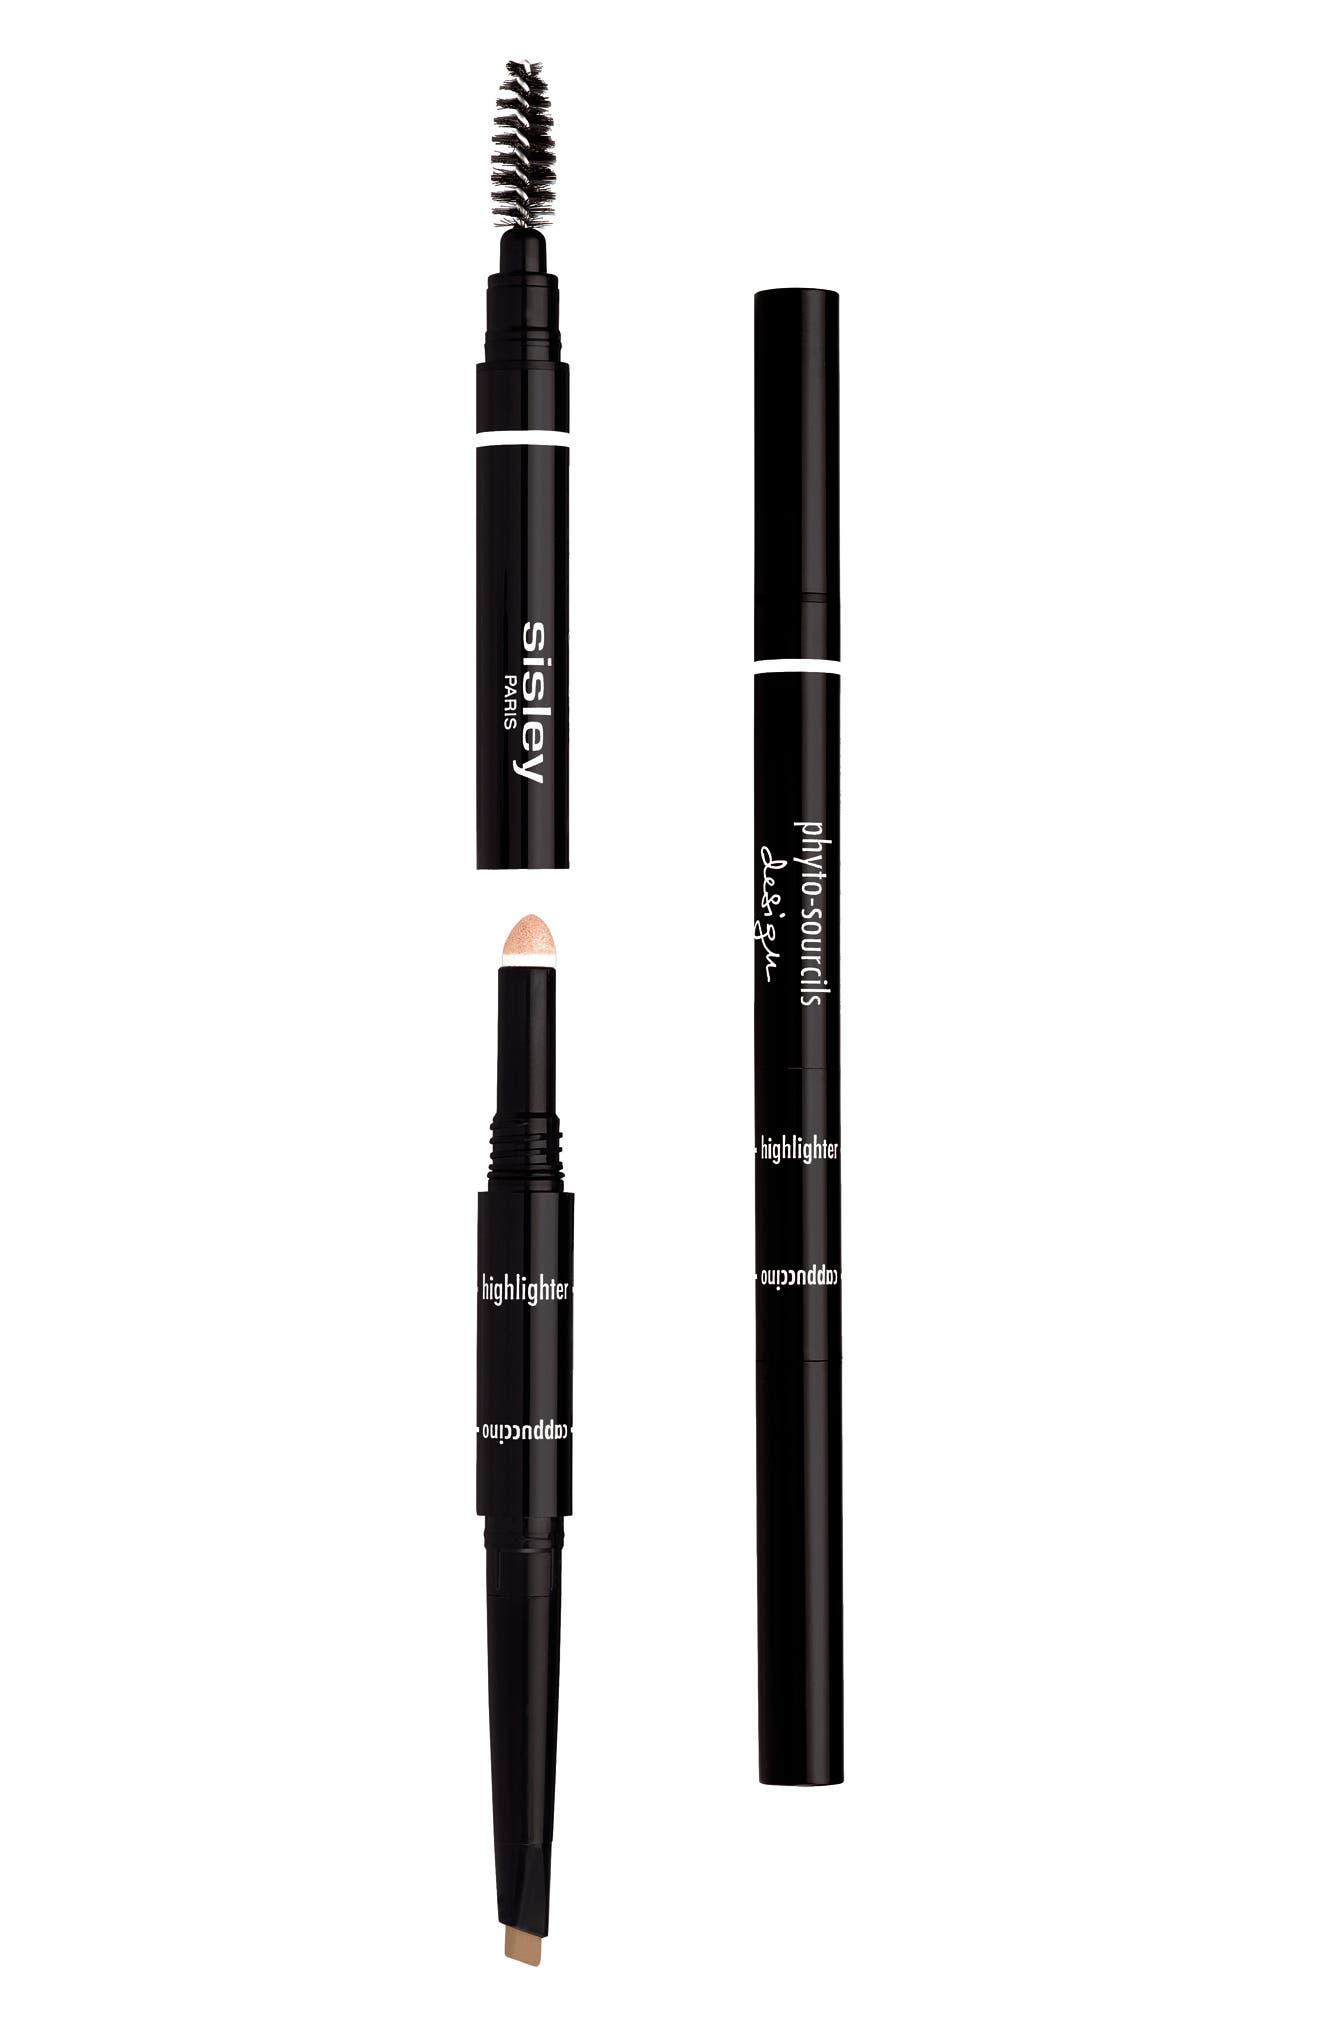 SISLEY PARIS Phyto-Sourcils Design 3-in-1 Eyebrow Pencil, Main, color, CAPPUCINO